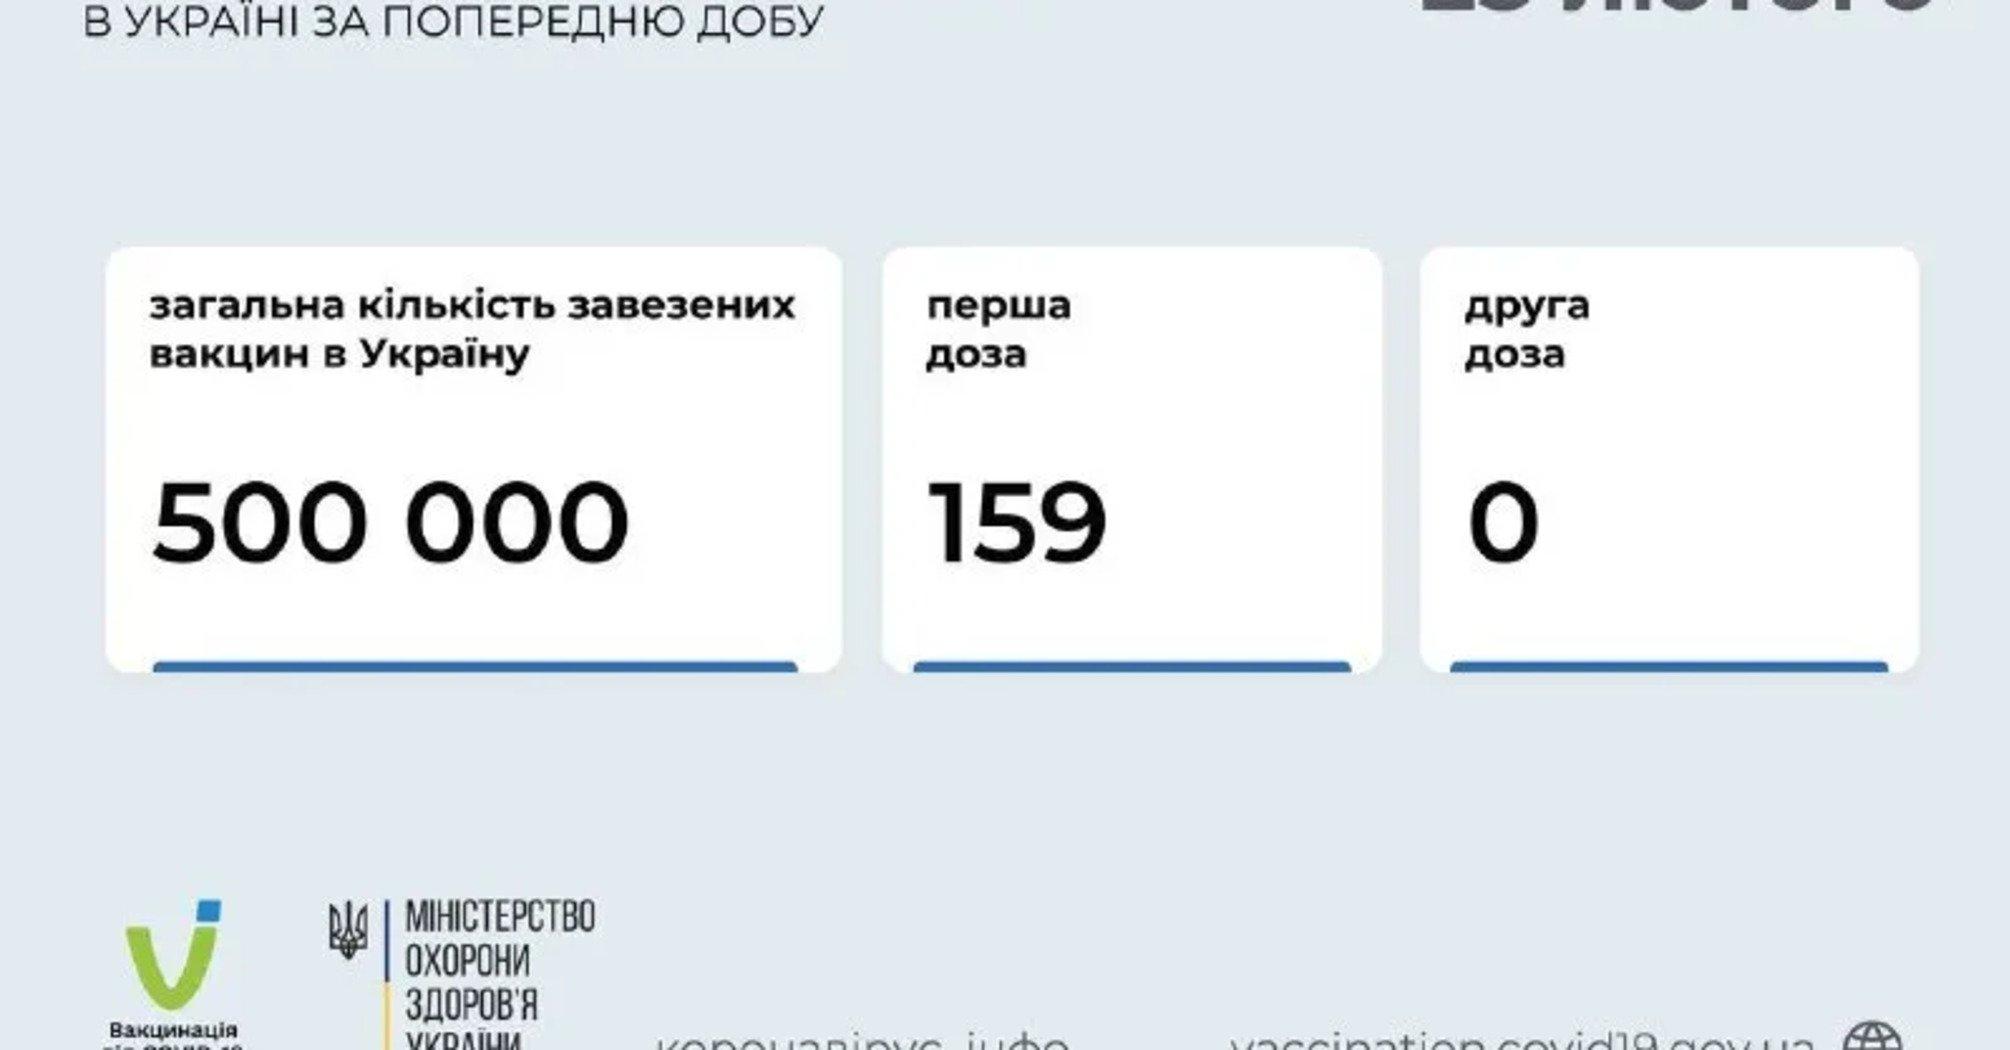 У МОЗ повідомили, скільки щеплень зробили в перший день